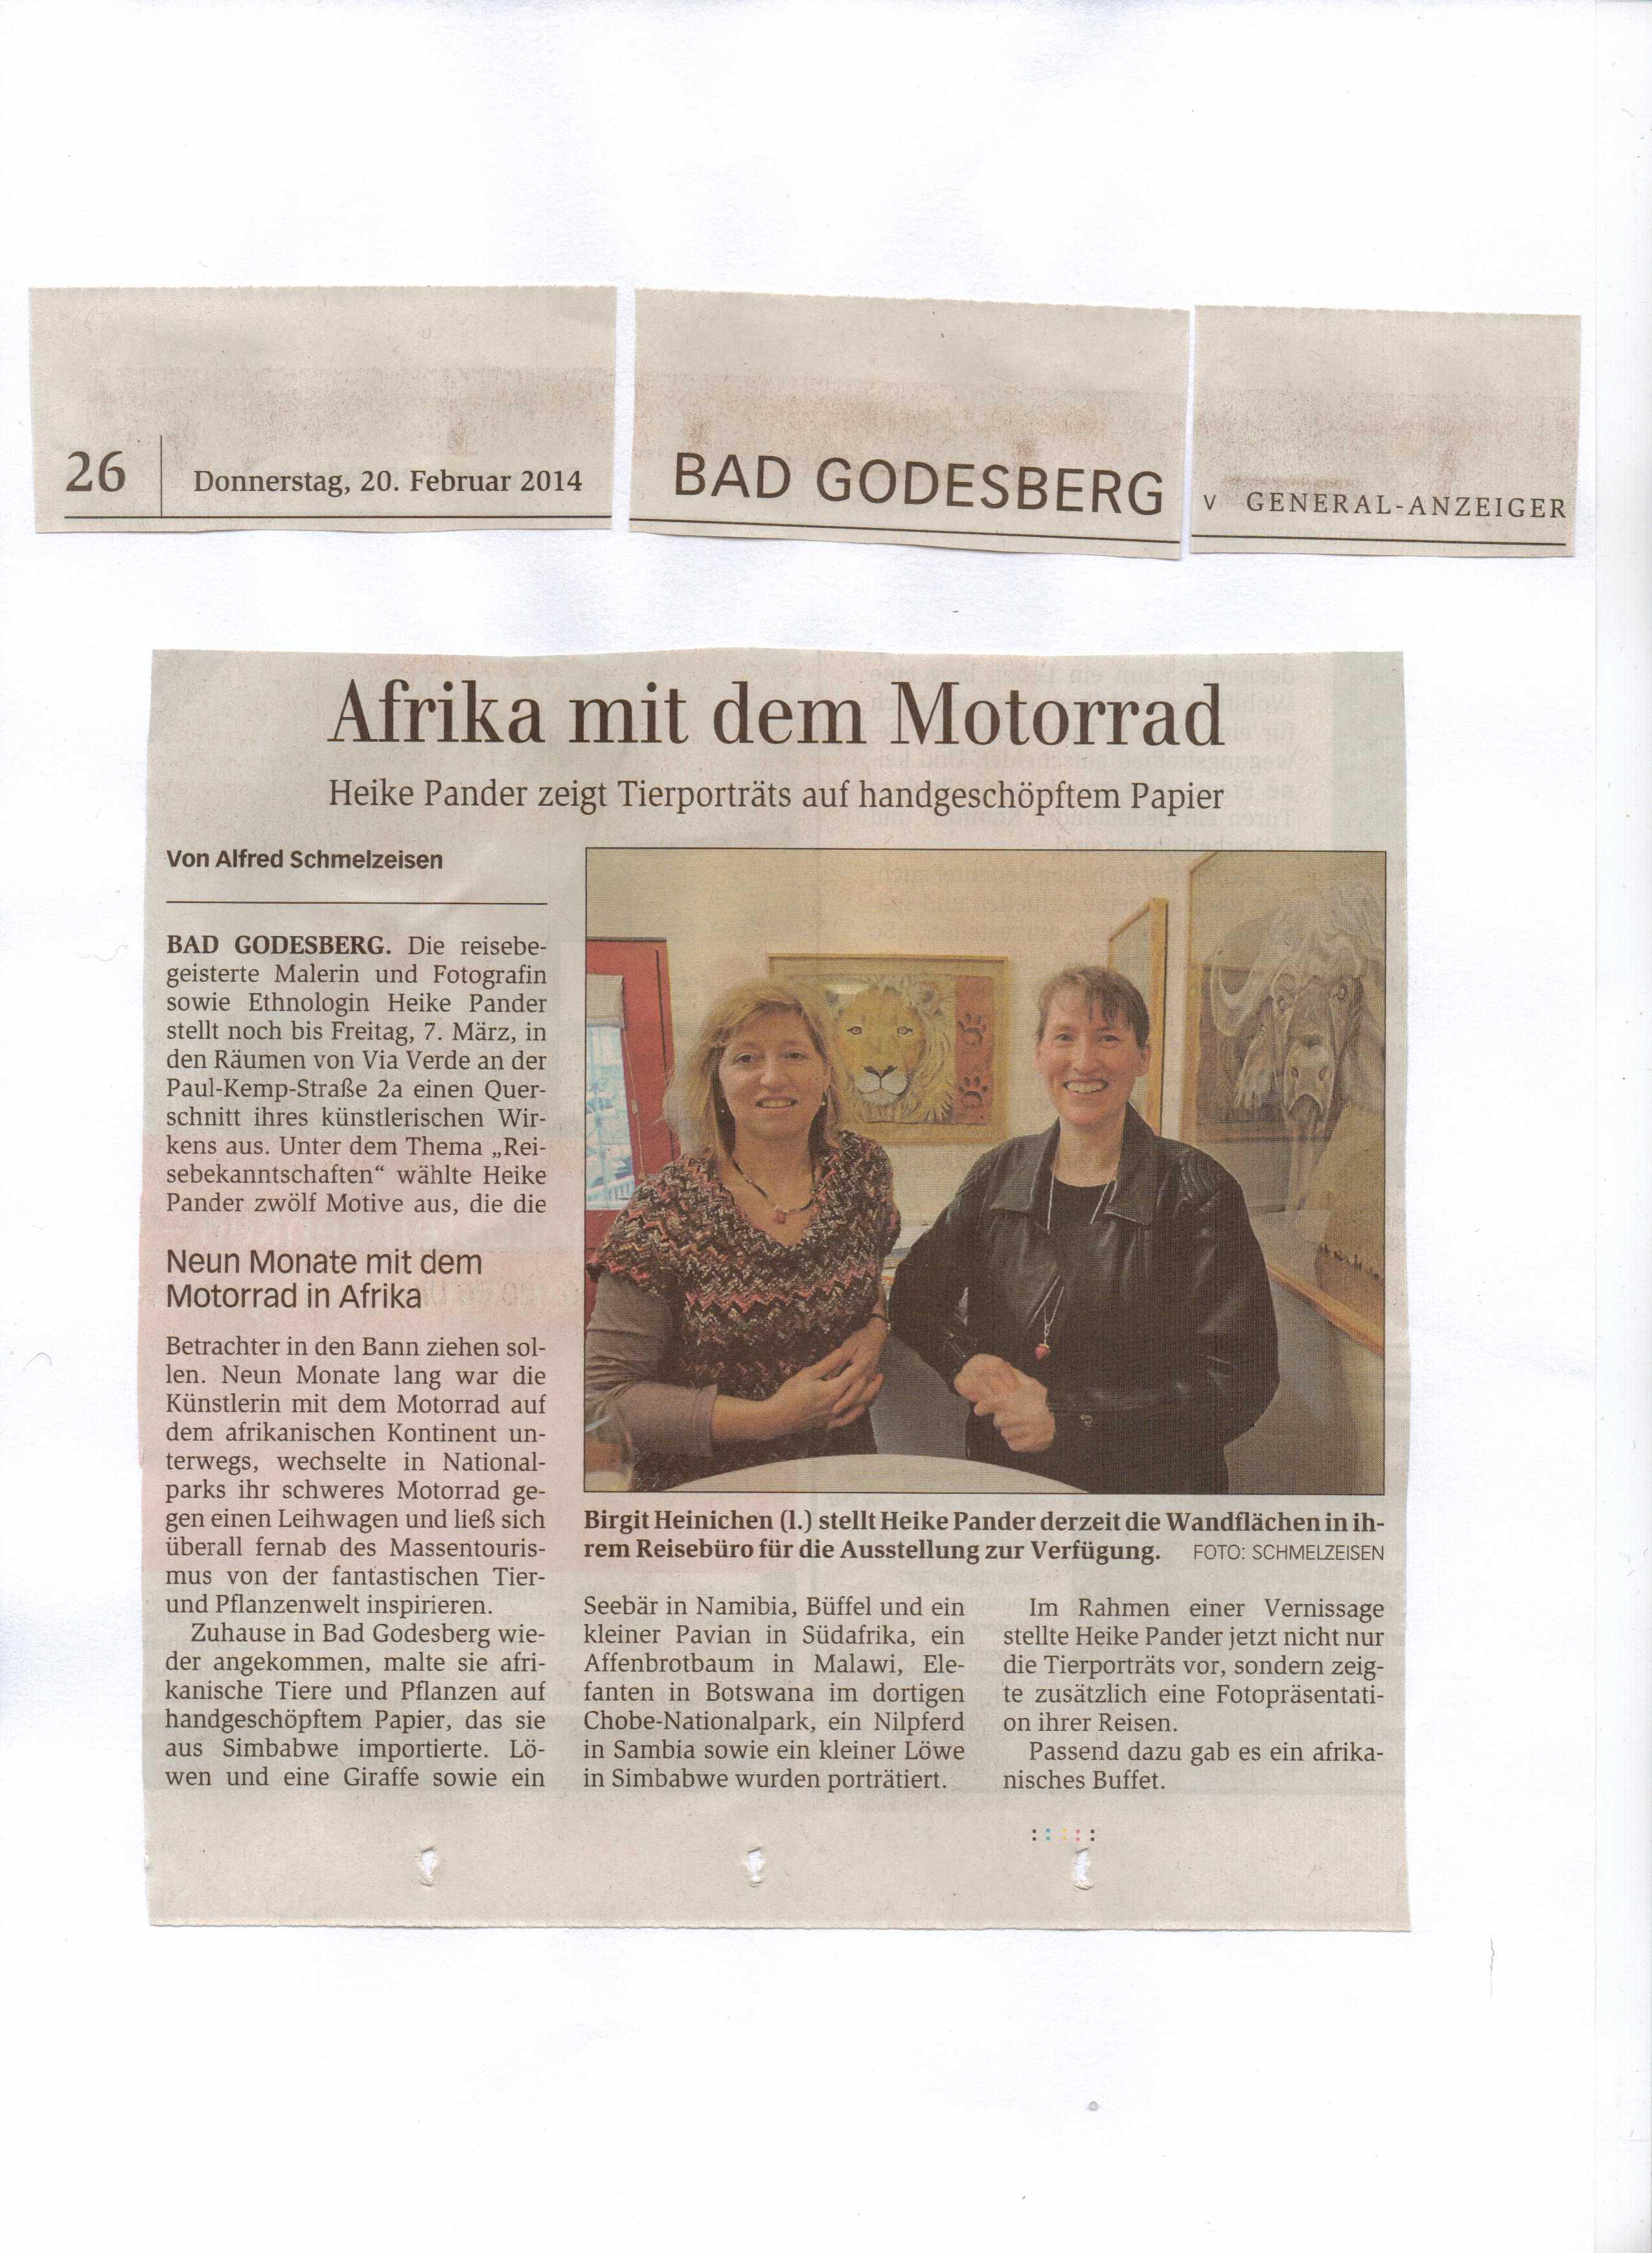 Afrika mit dem Motorrad, Vernissage, Reisebüro Via Verde, Beitrag im Bonner Generalanzeiger